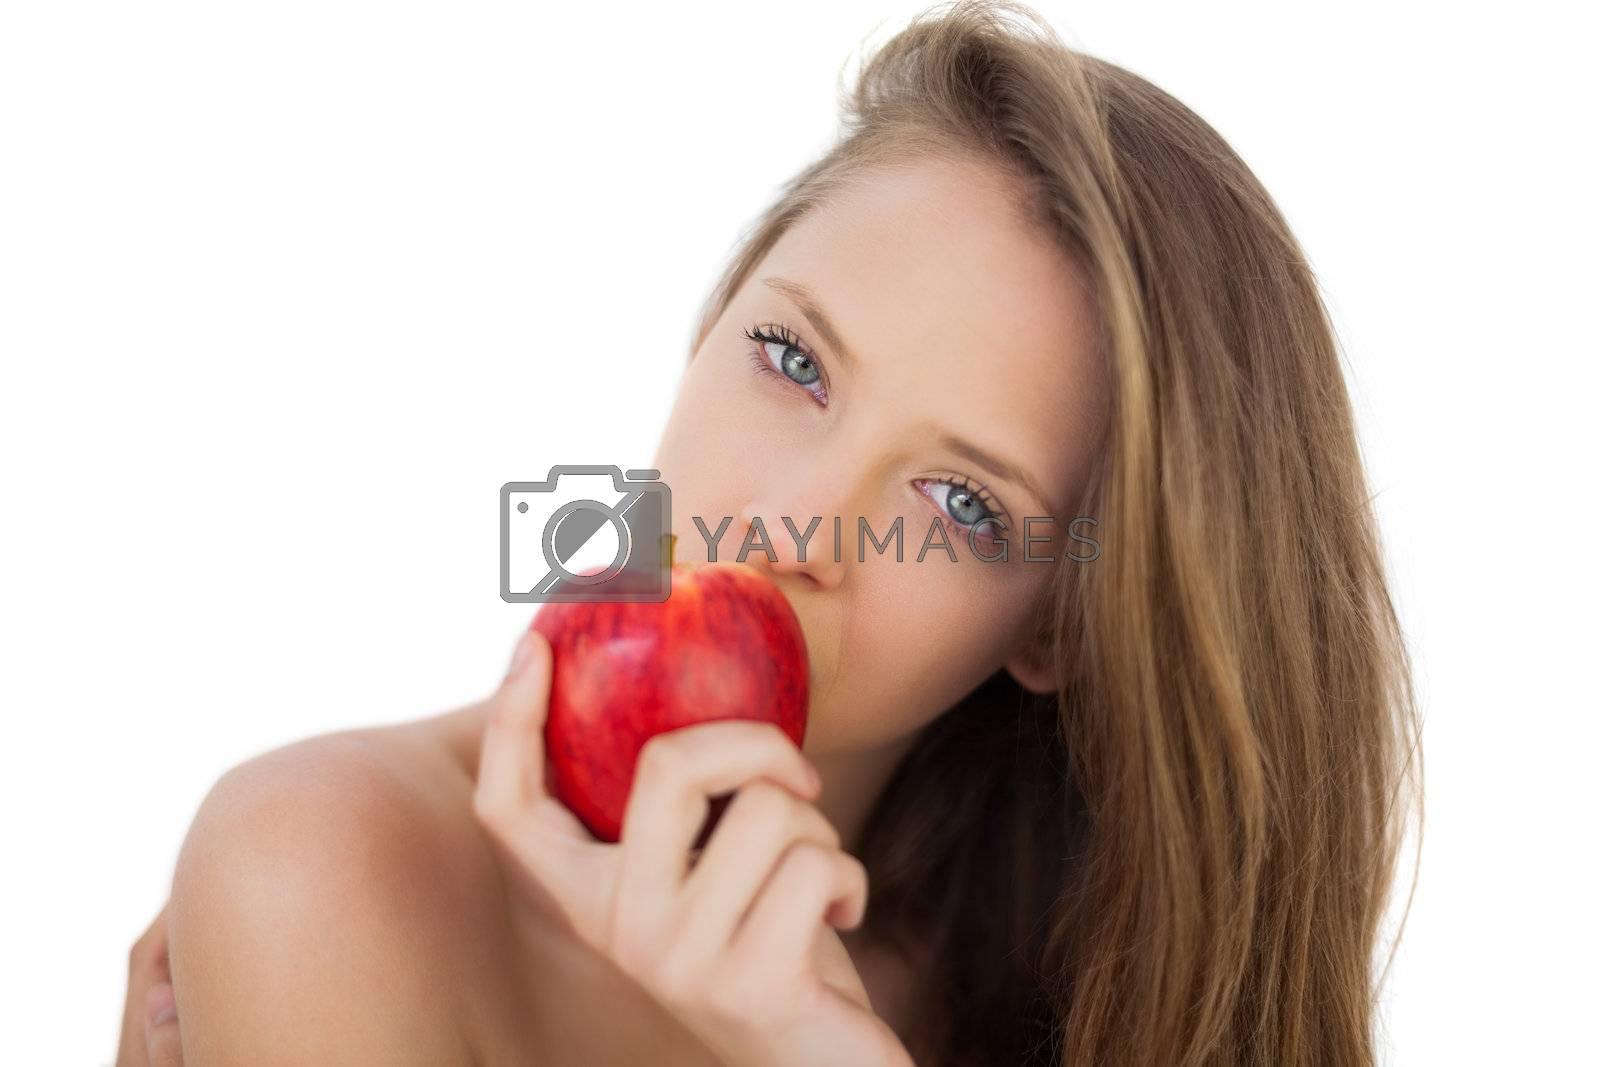 Pensive brunette model eating an apple by Wavebreakmedia